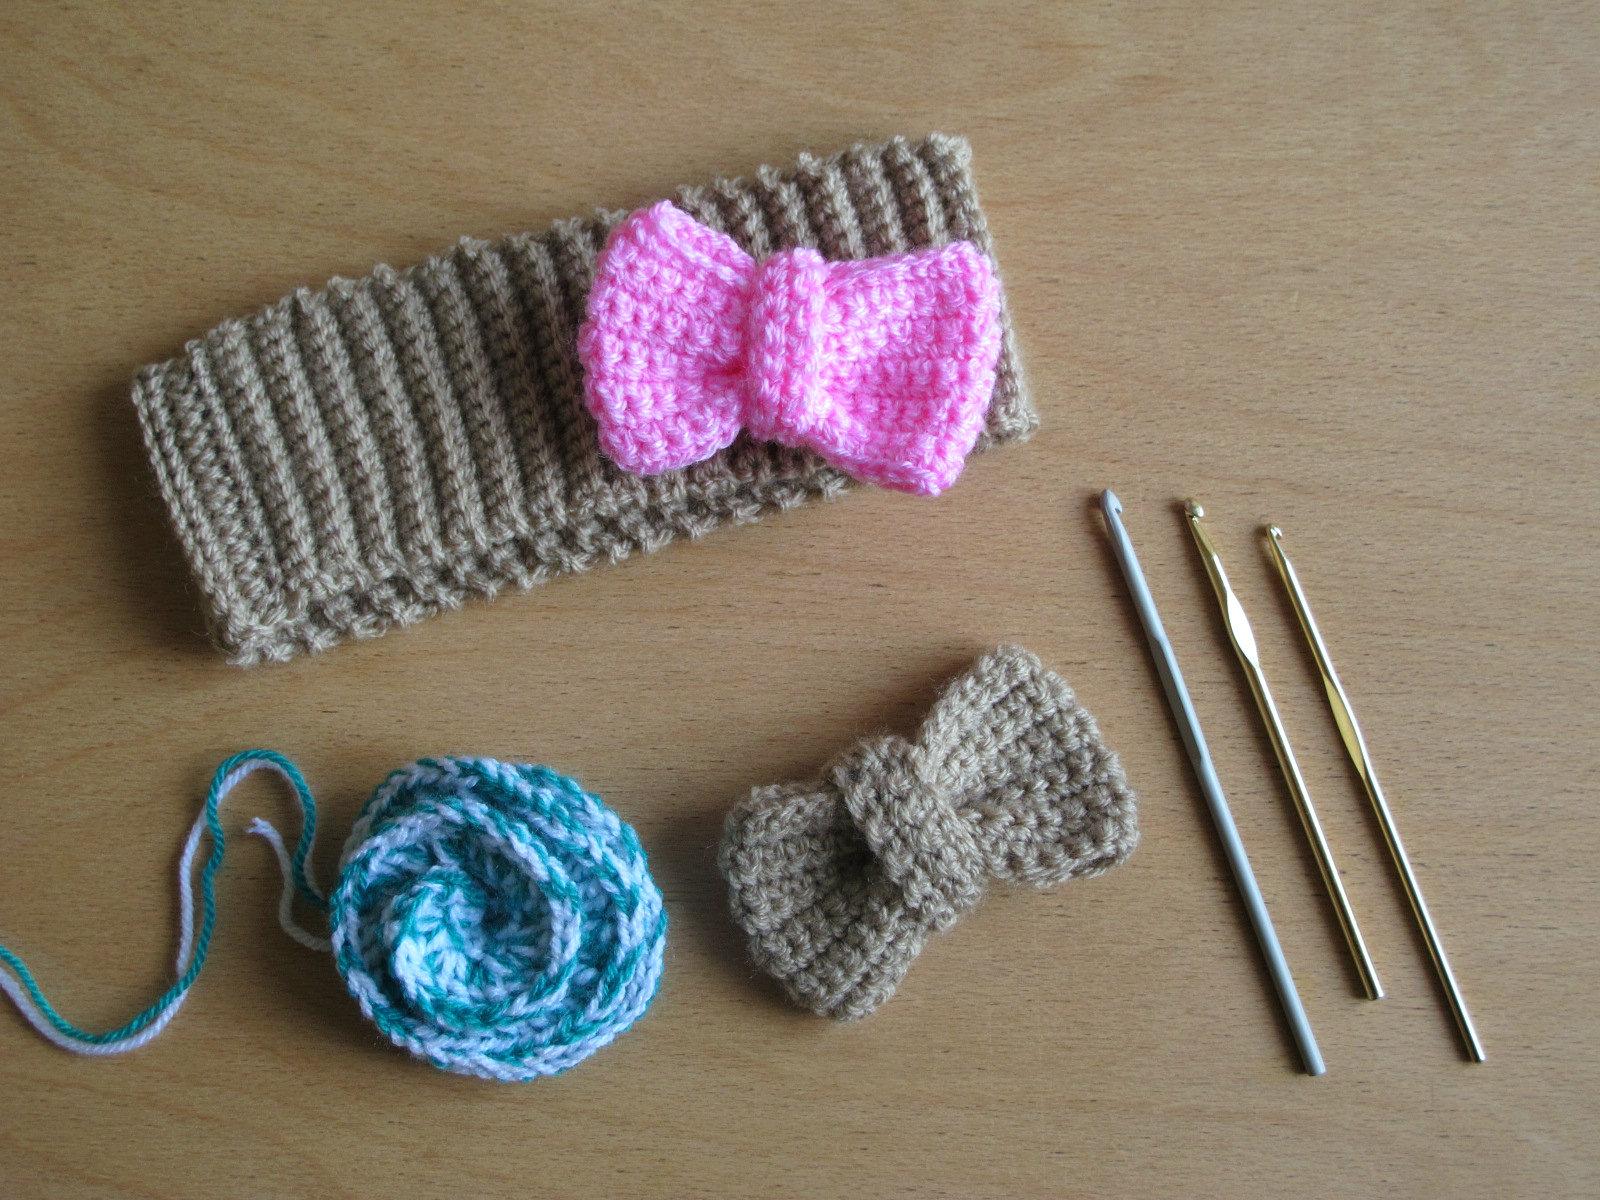 apprendre a tricoter au crochet